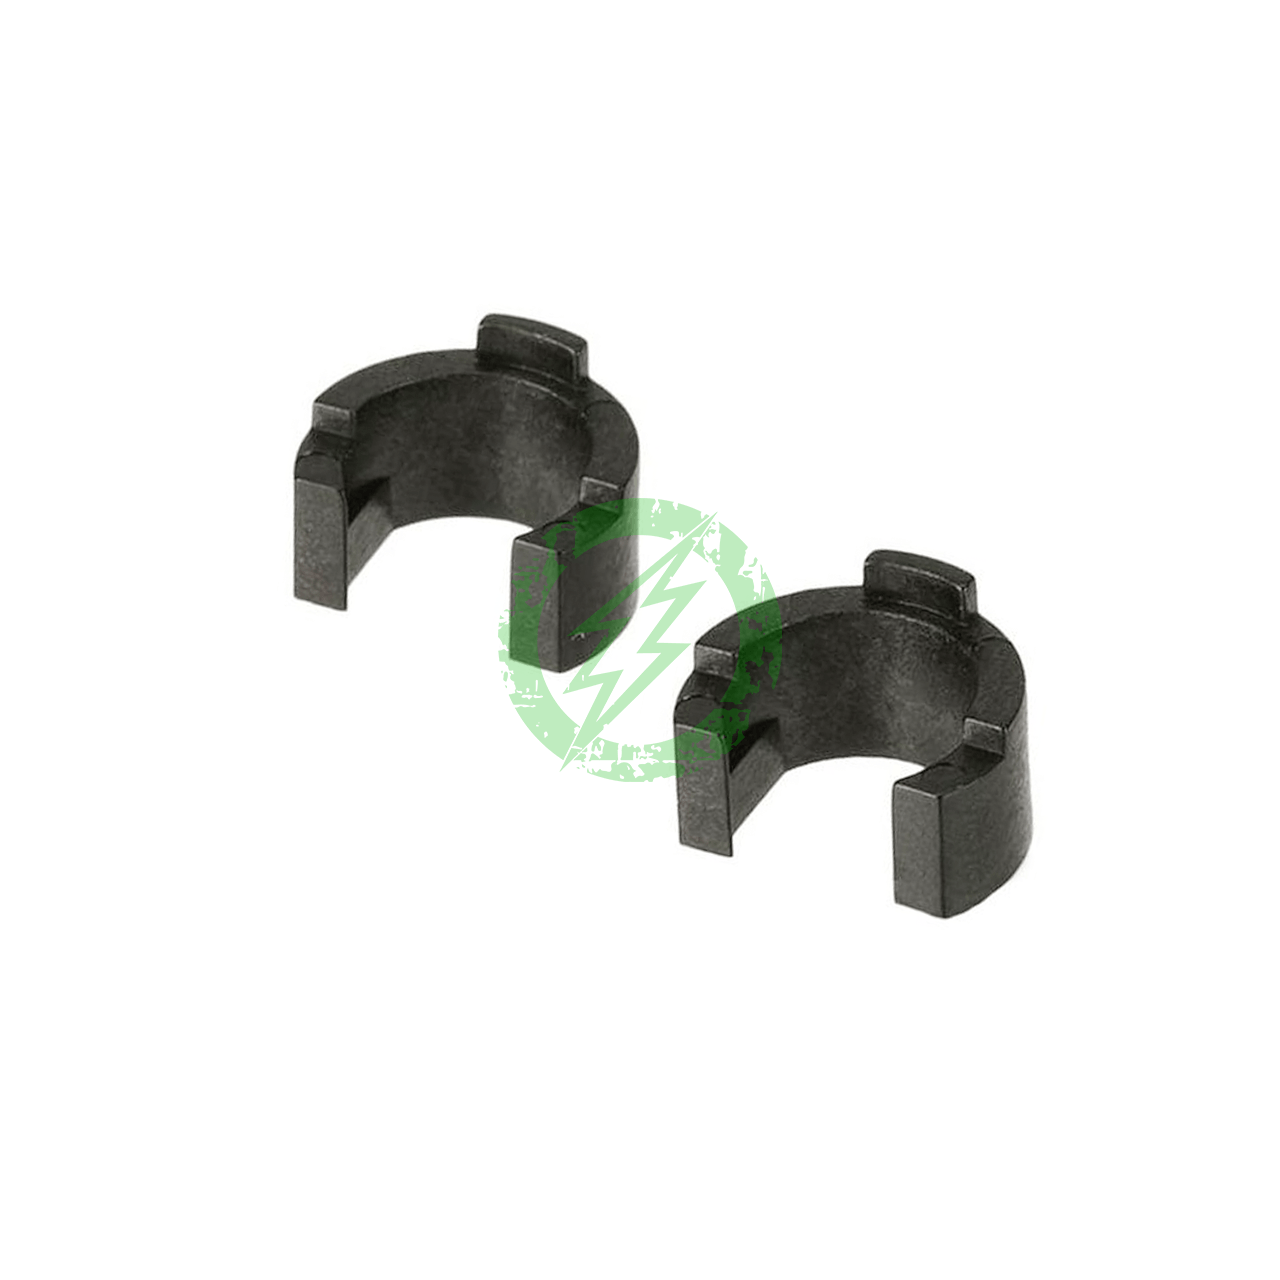 Krytac Polymer Rotary Hop Up Barrel Clip   Pack of 2